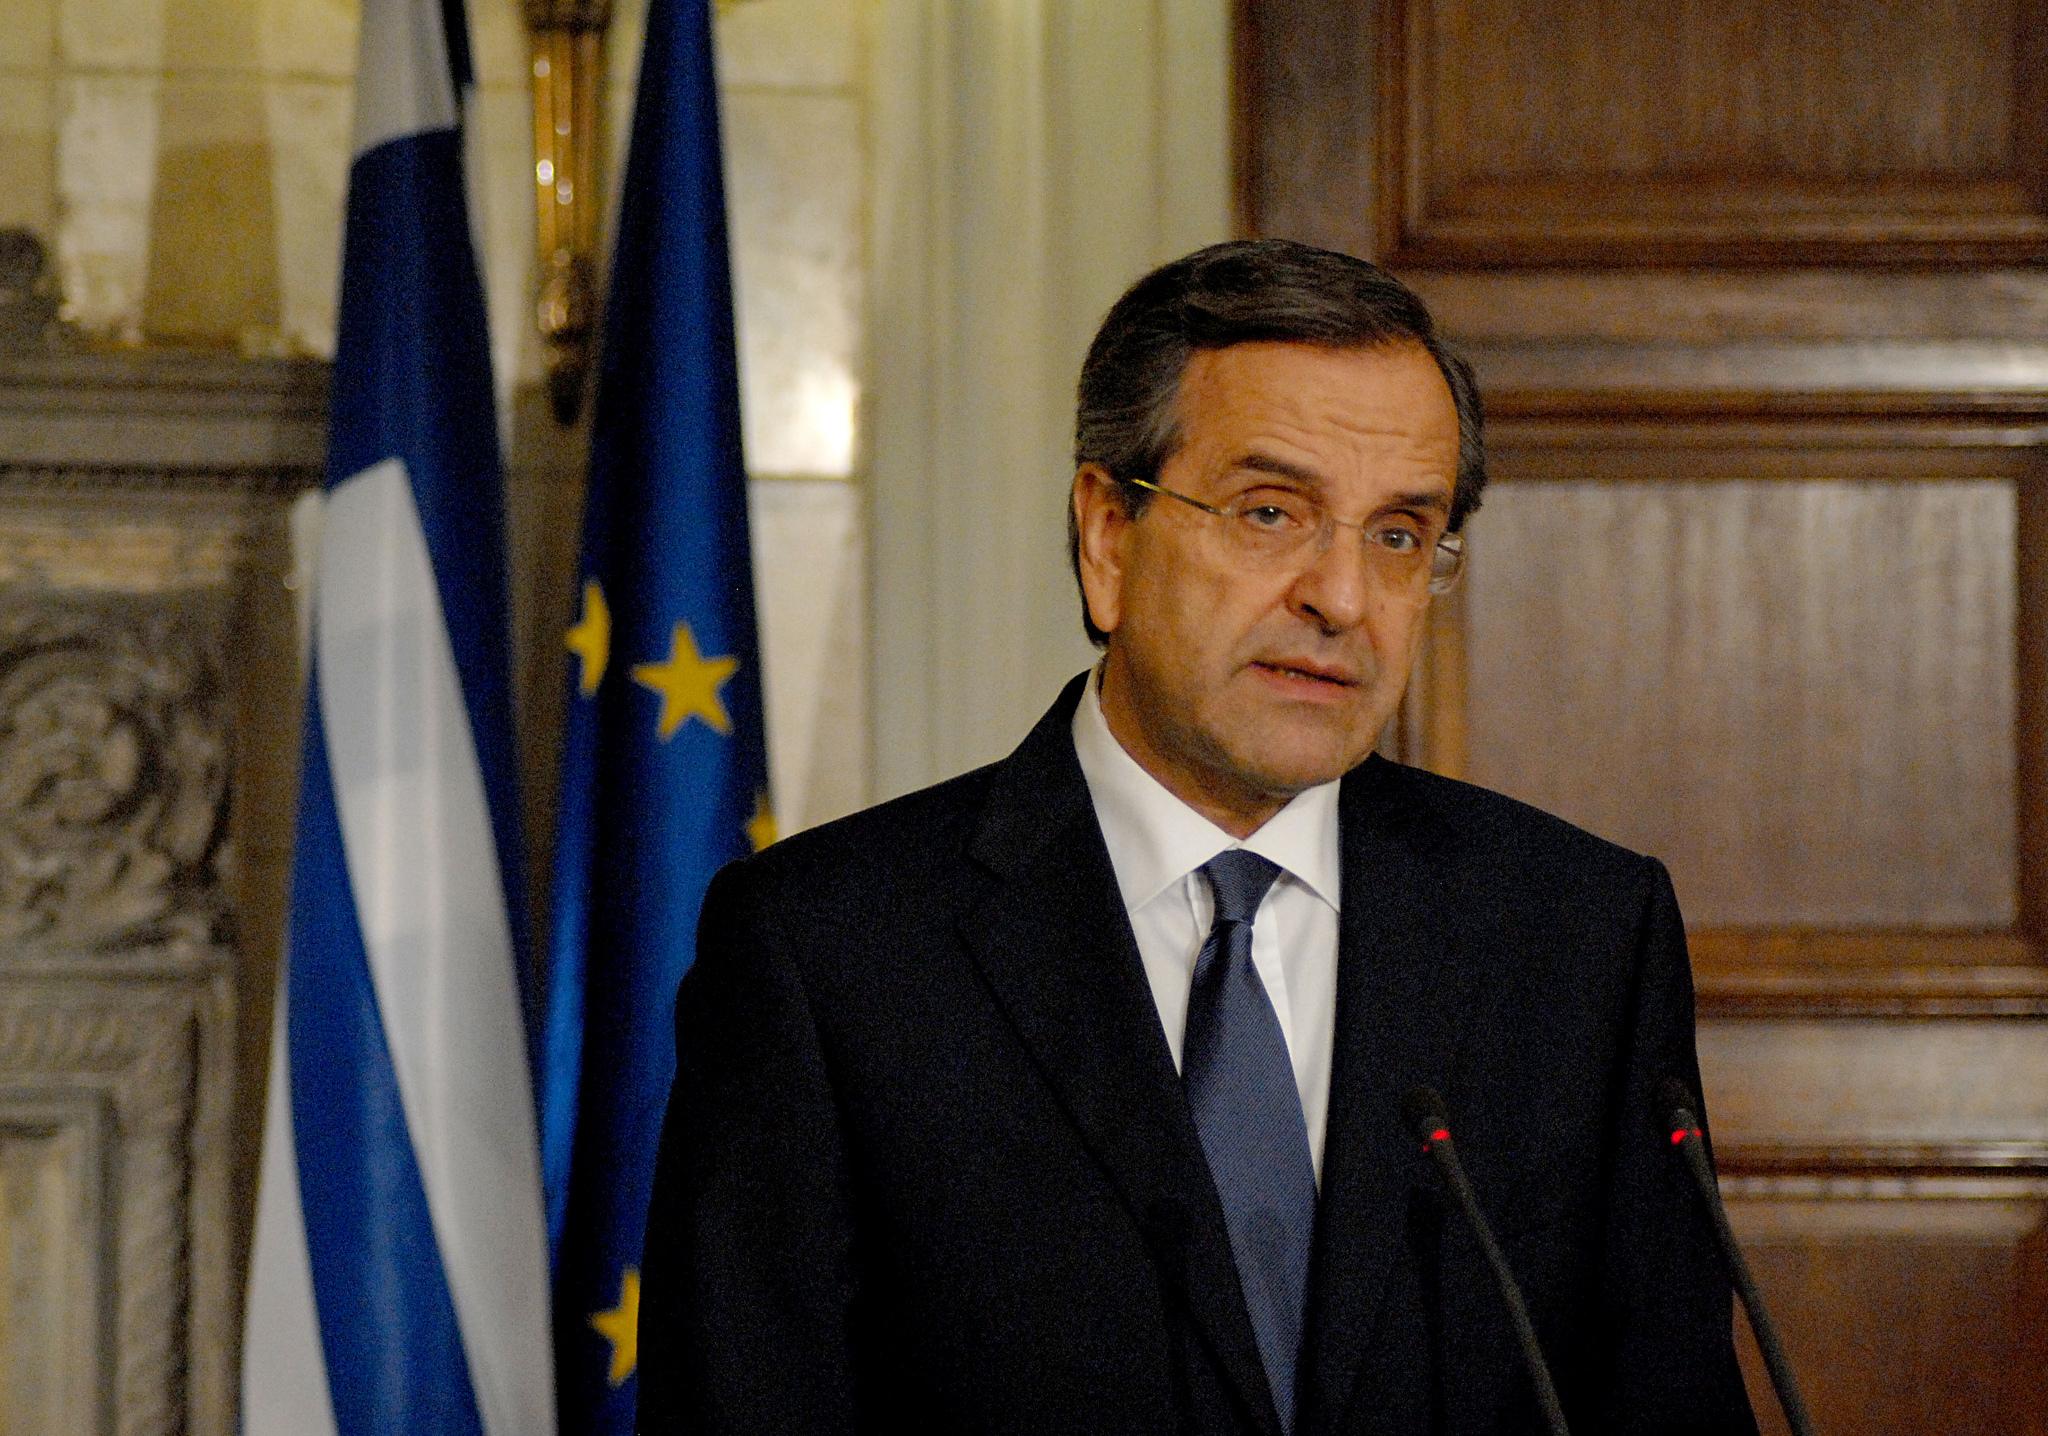 Χαιρετισμοι της θεοτοκου Wikipedia: Πρωθυπουργός της Ελλάδας